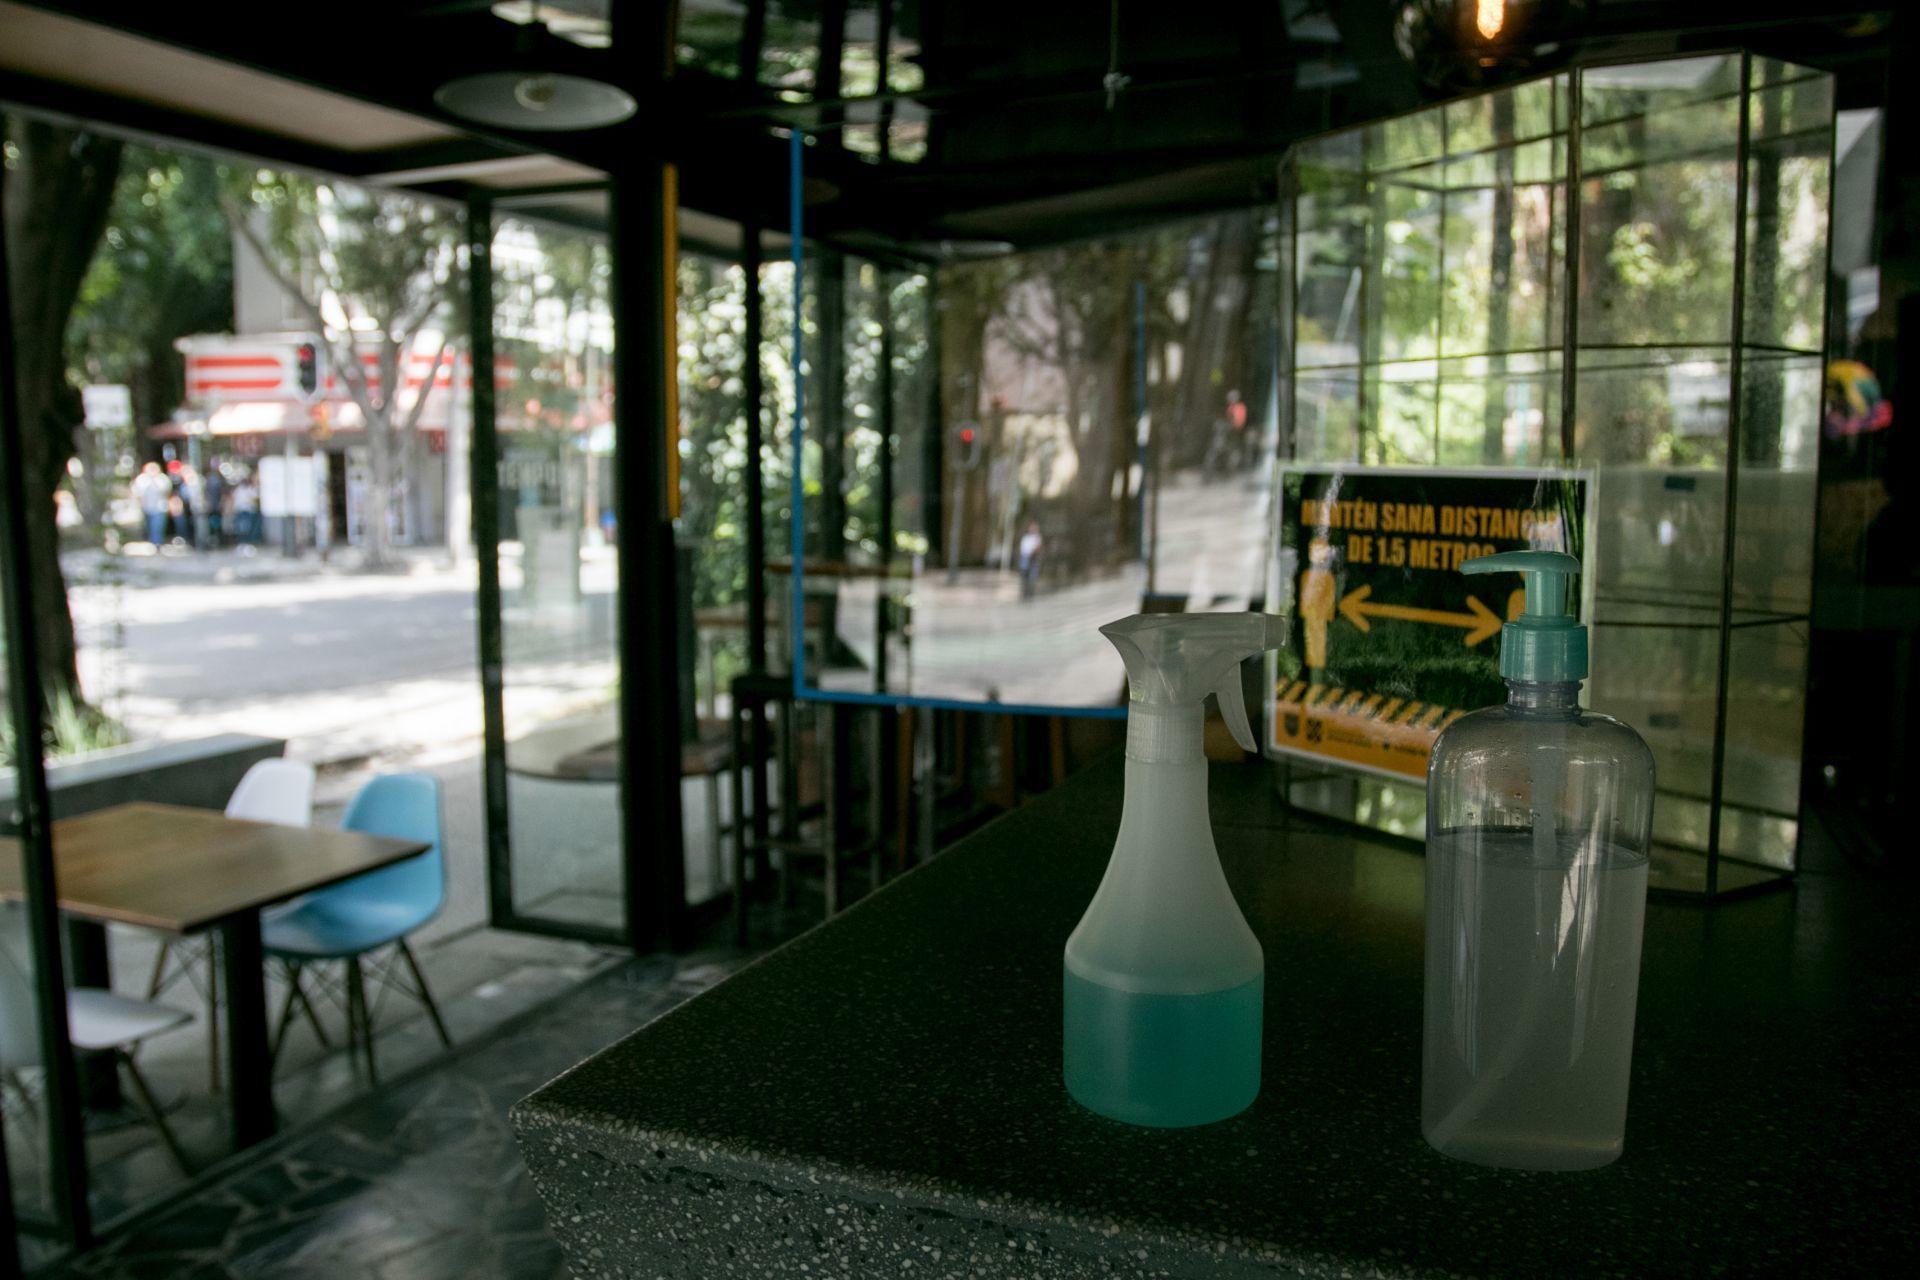 15 imágenes que muestran cómo entró la 'nueva normalidad' a los restaurantes de la CDMX